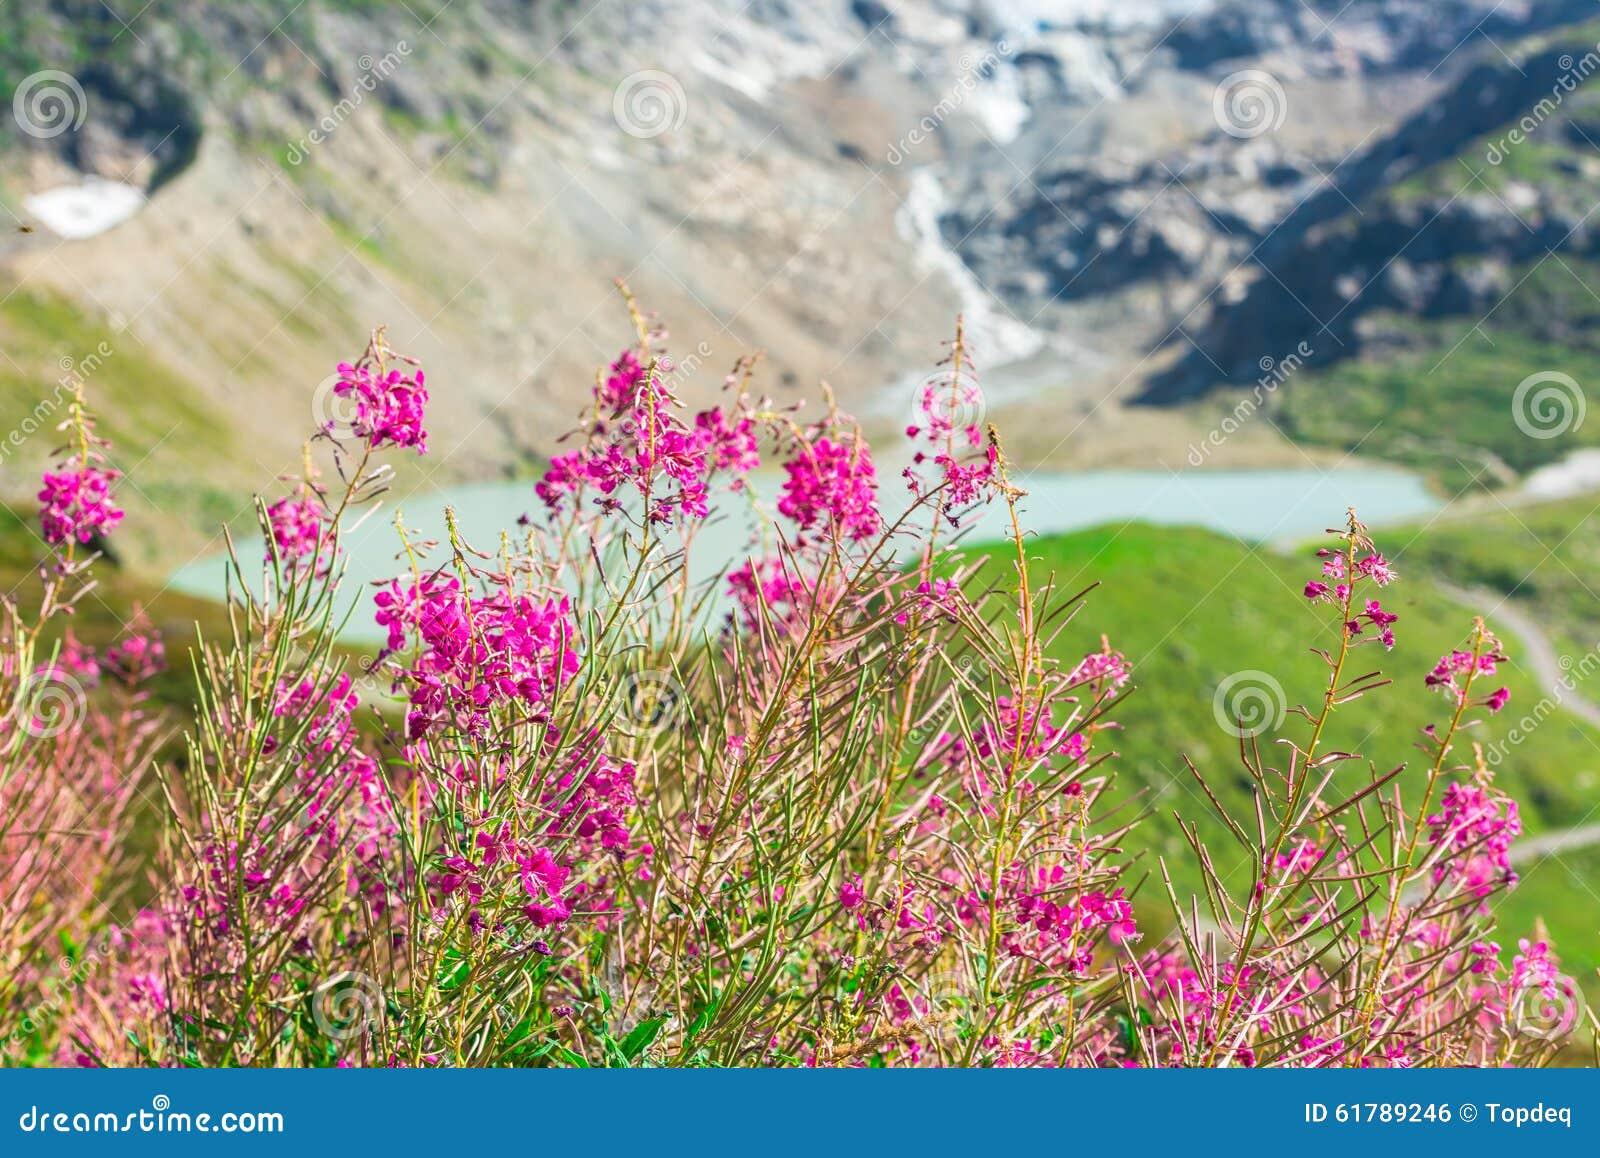 alpes suisses avec des fleurs de rose sauvage photo stock - image